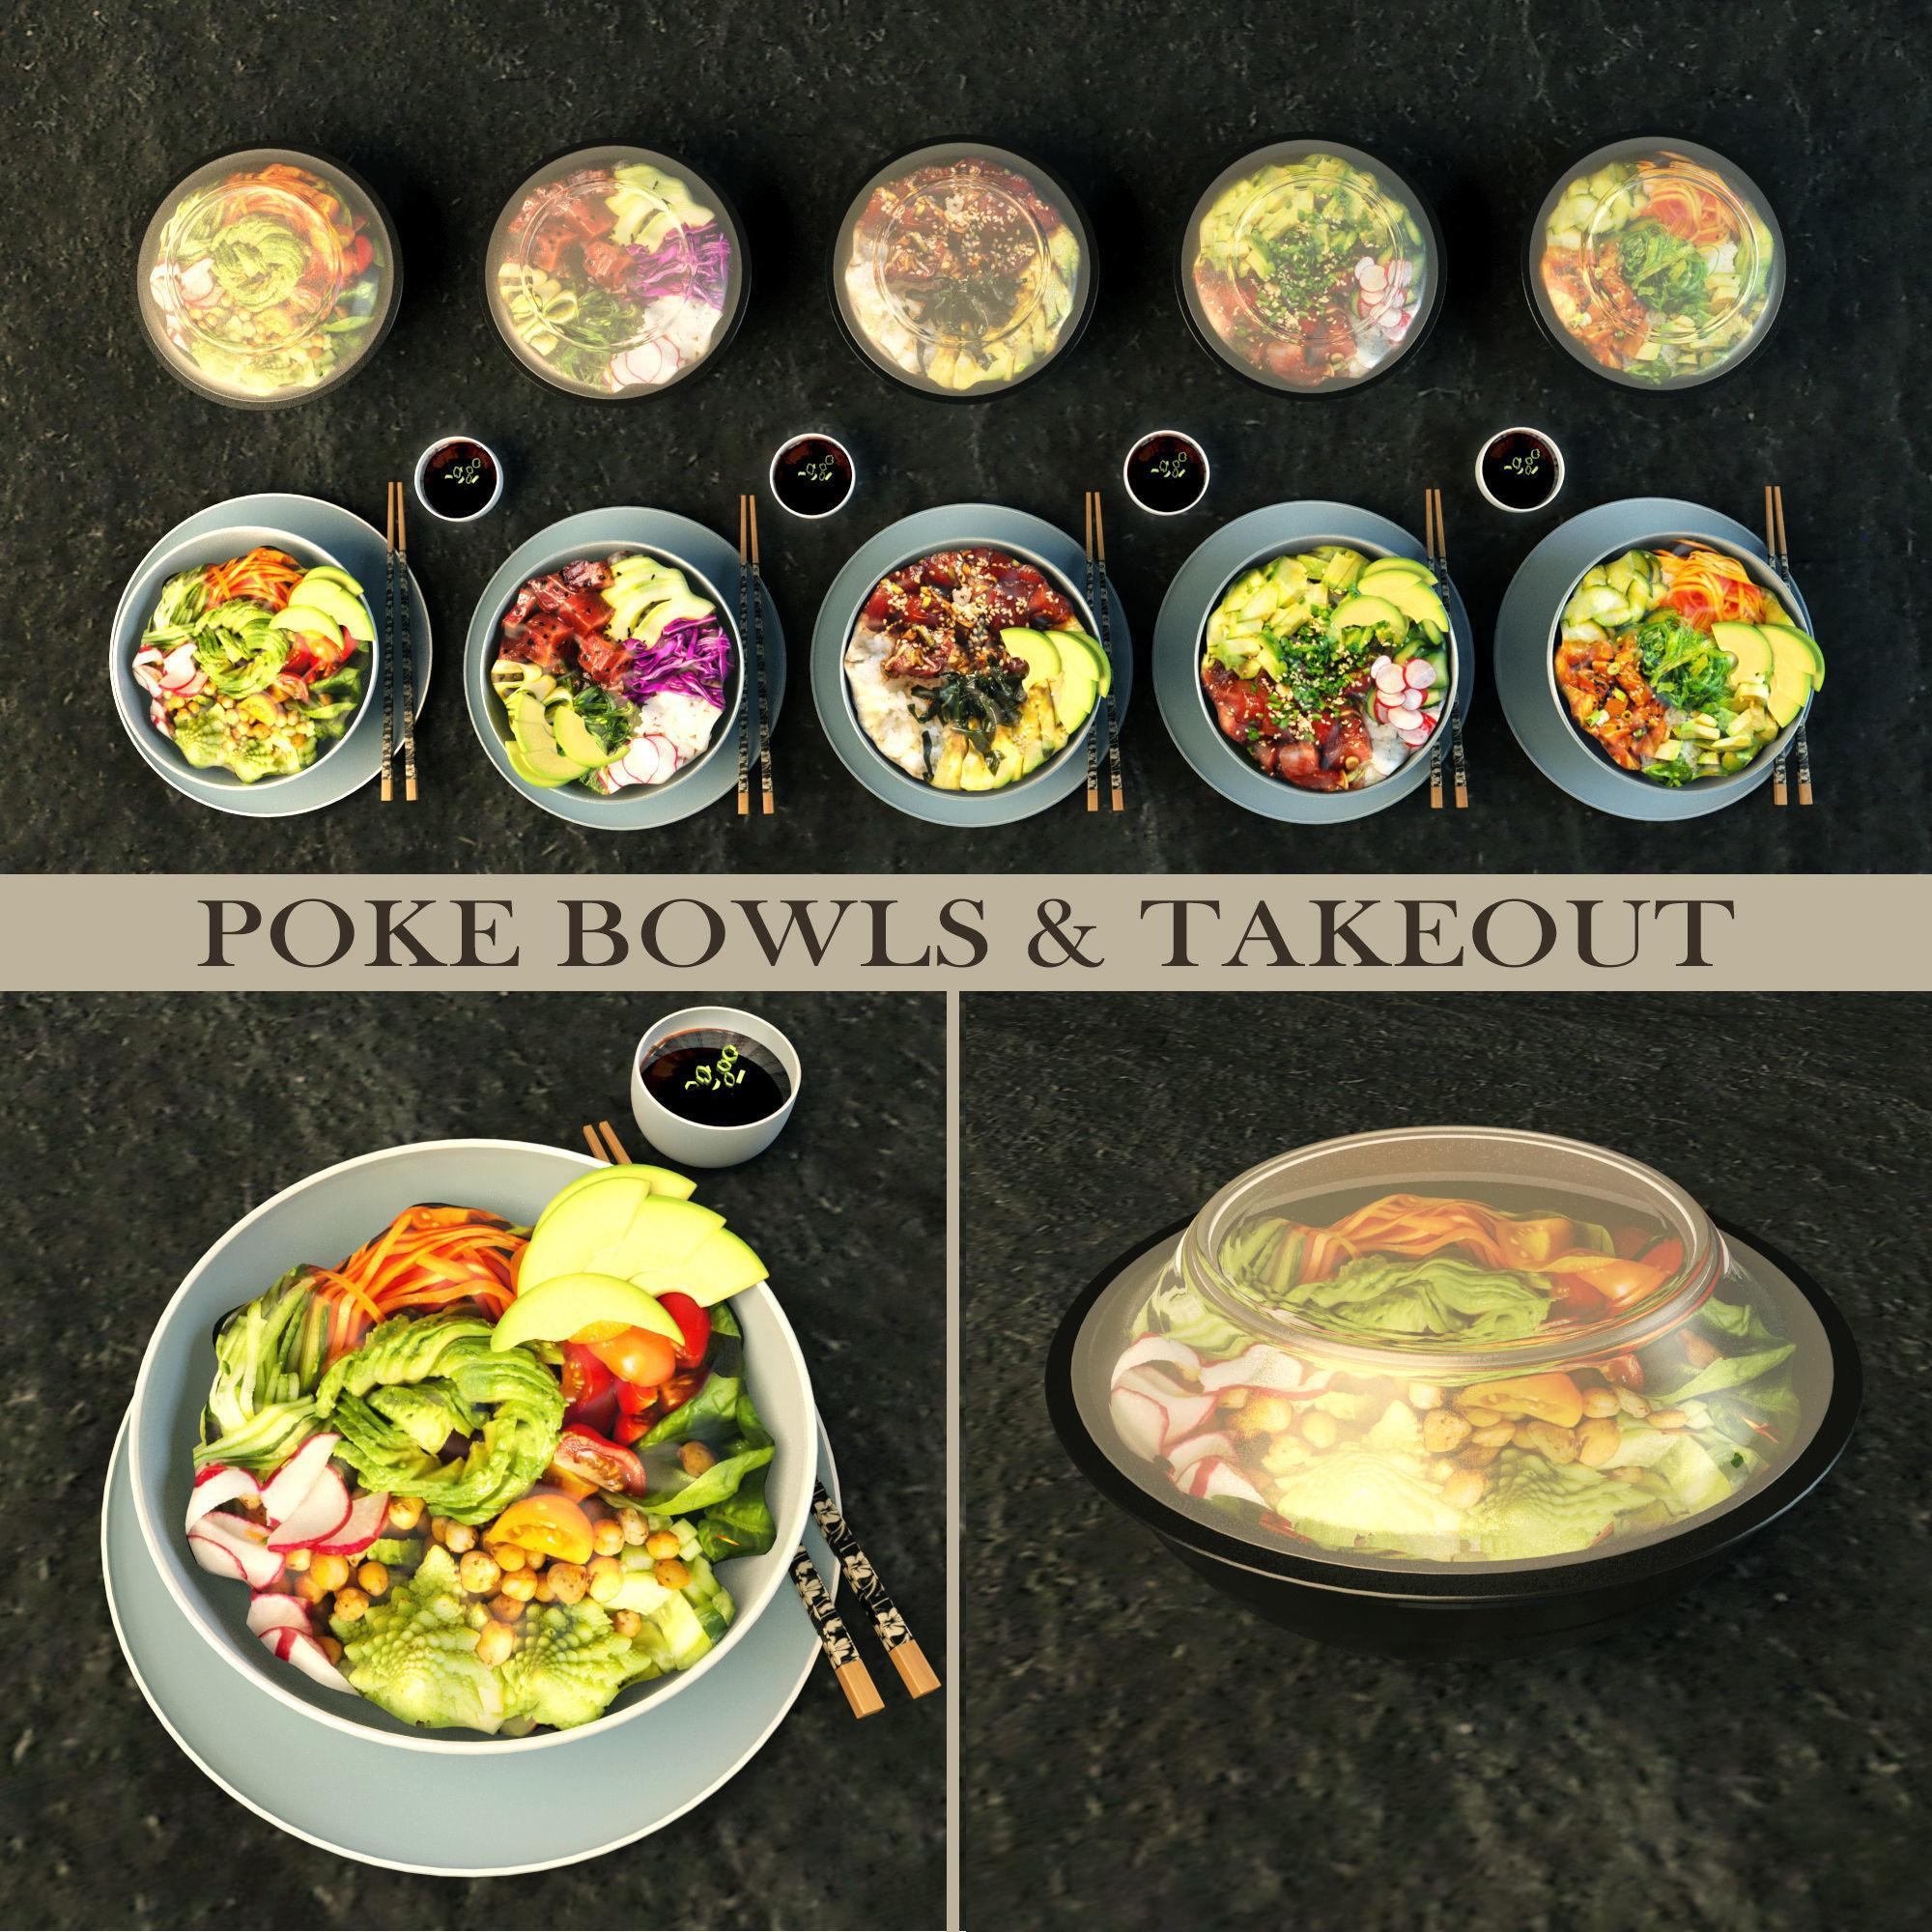 Poke bowl take out